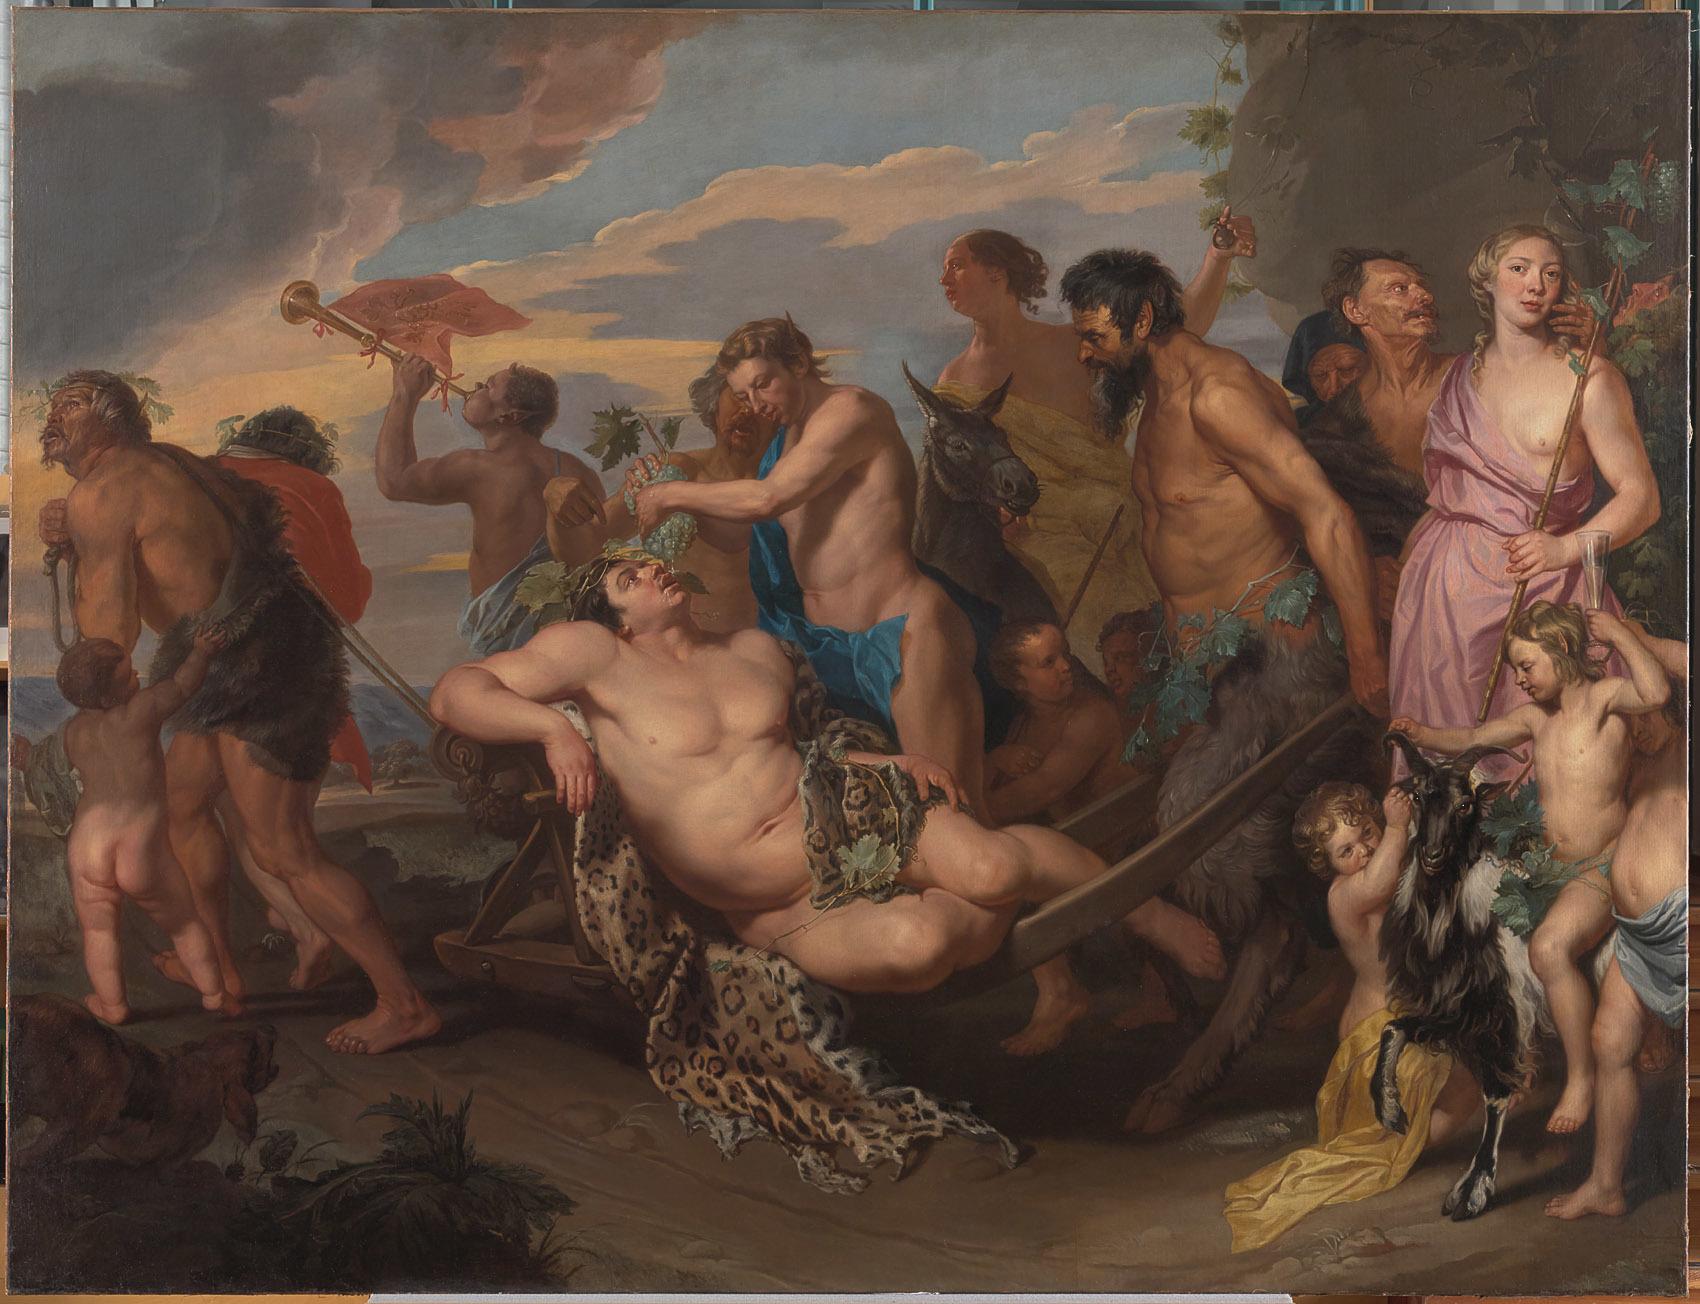 Bachusstoet, Michaelina Wautier - Kunsthistorisches Museum Wien, Gemäldegalerie